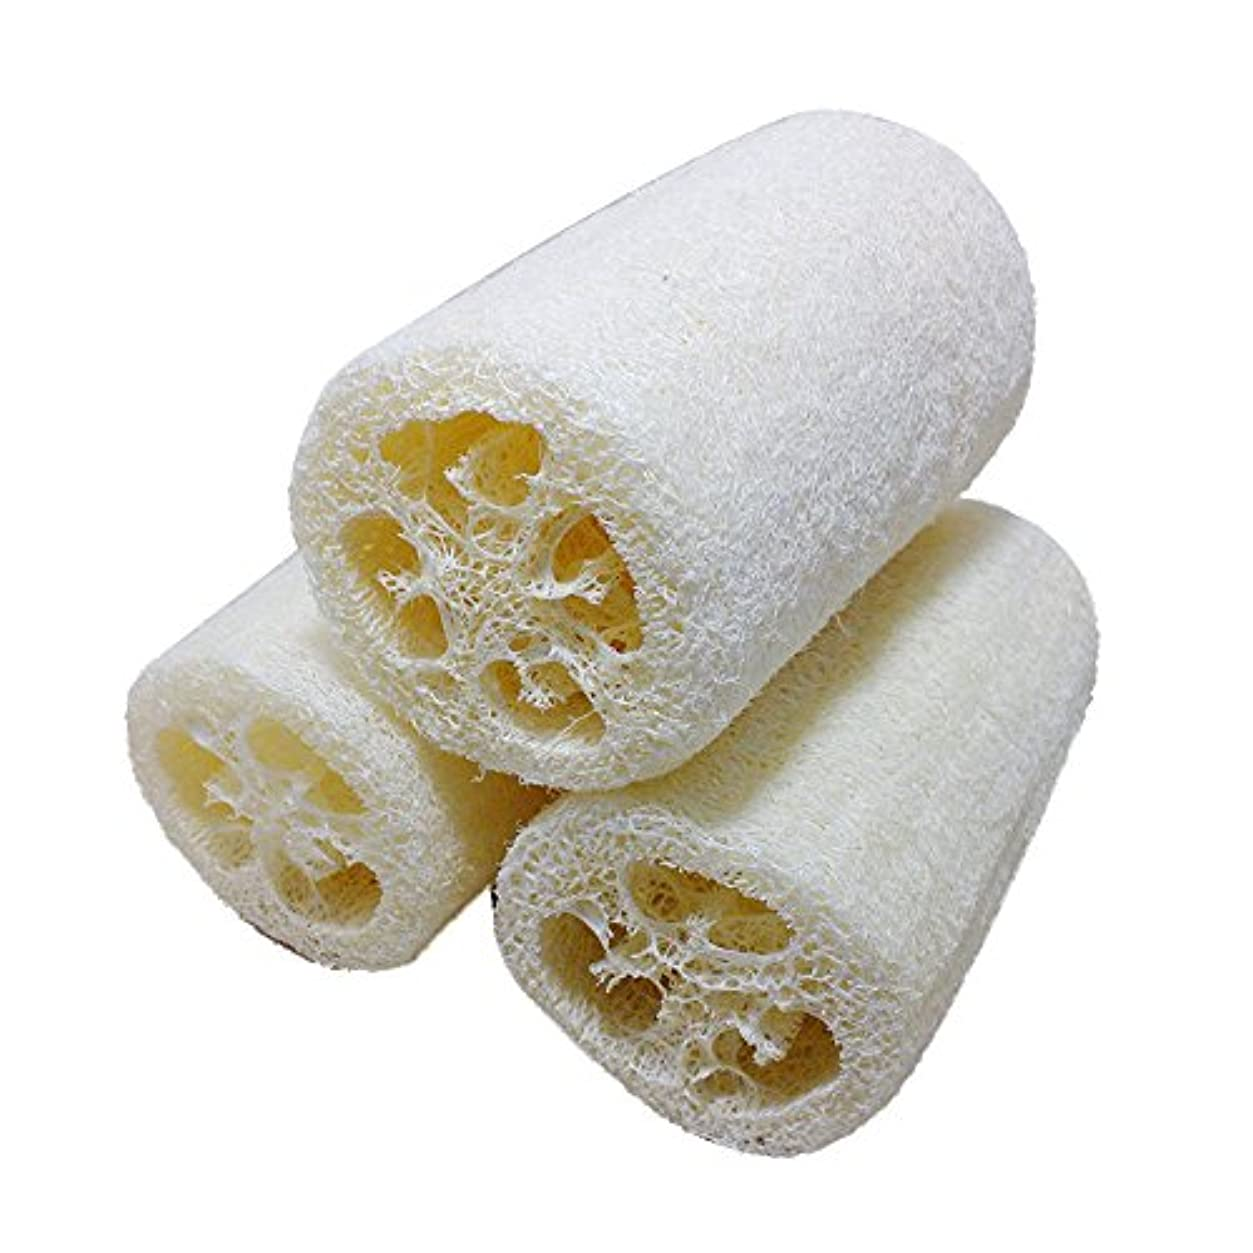 実証する再開ラウンジ天然ヘチマ ボディスポンジ シャワースポンジ ボディブラシ シャワーブラシ 入浴 風呂スポンジ 角質海綿 全身美容 新陳代謝を促進 角質除去 マッサージ SPA ルーファ ボディウォッシュボール (3pc)